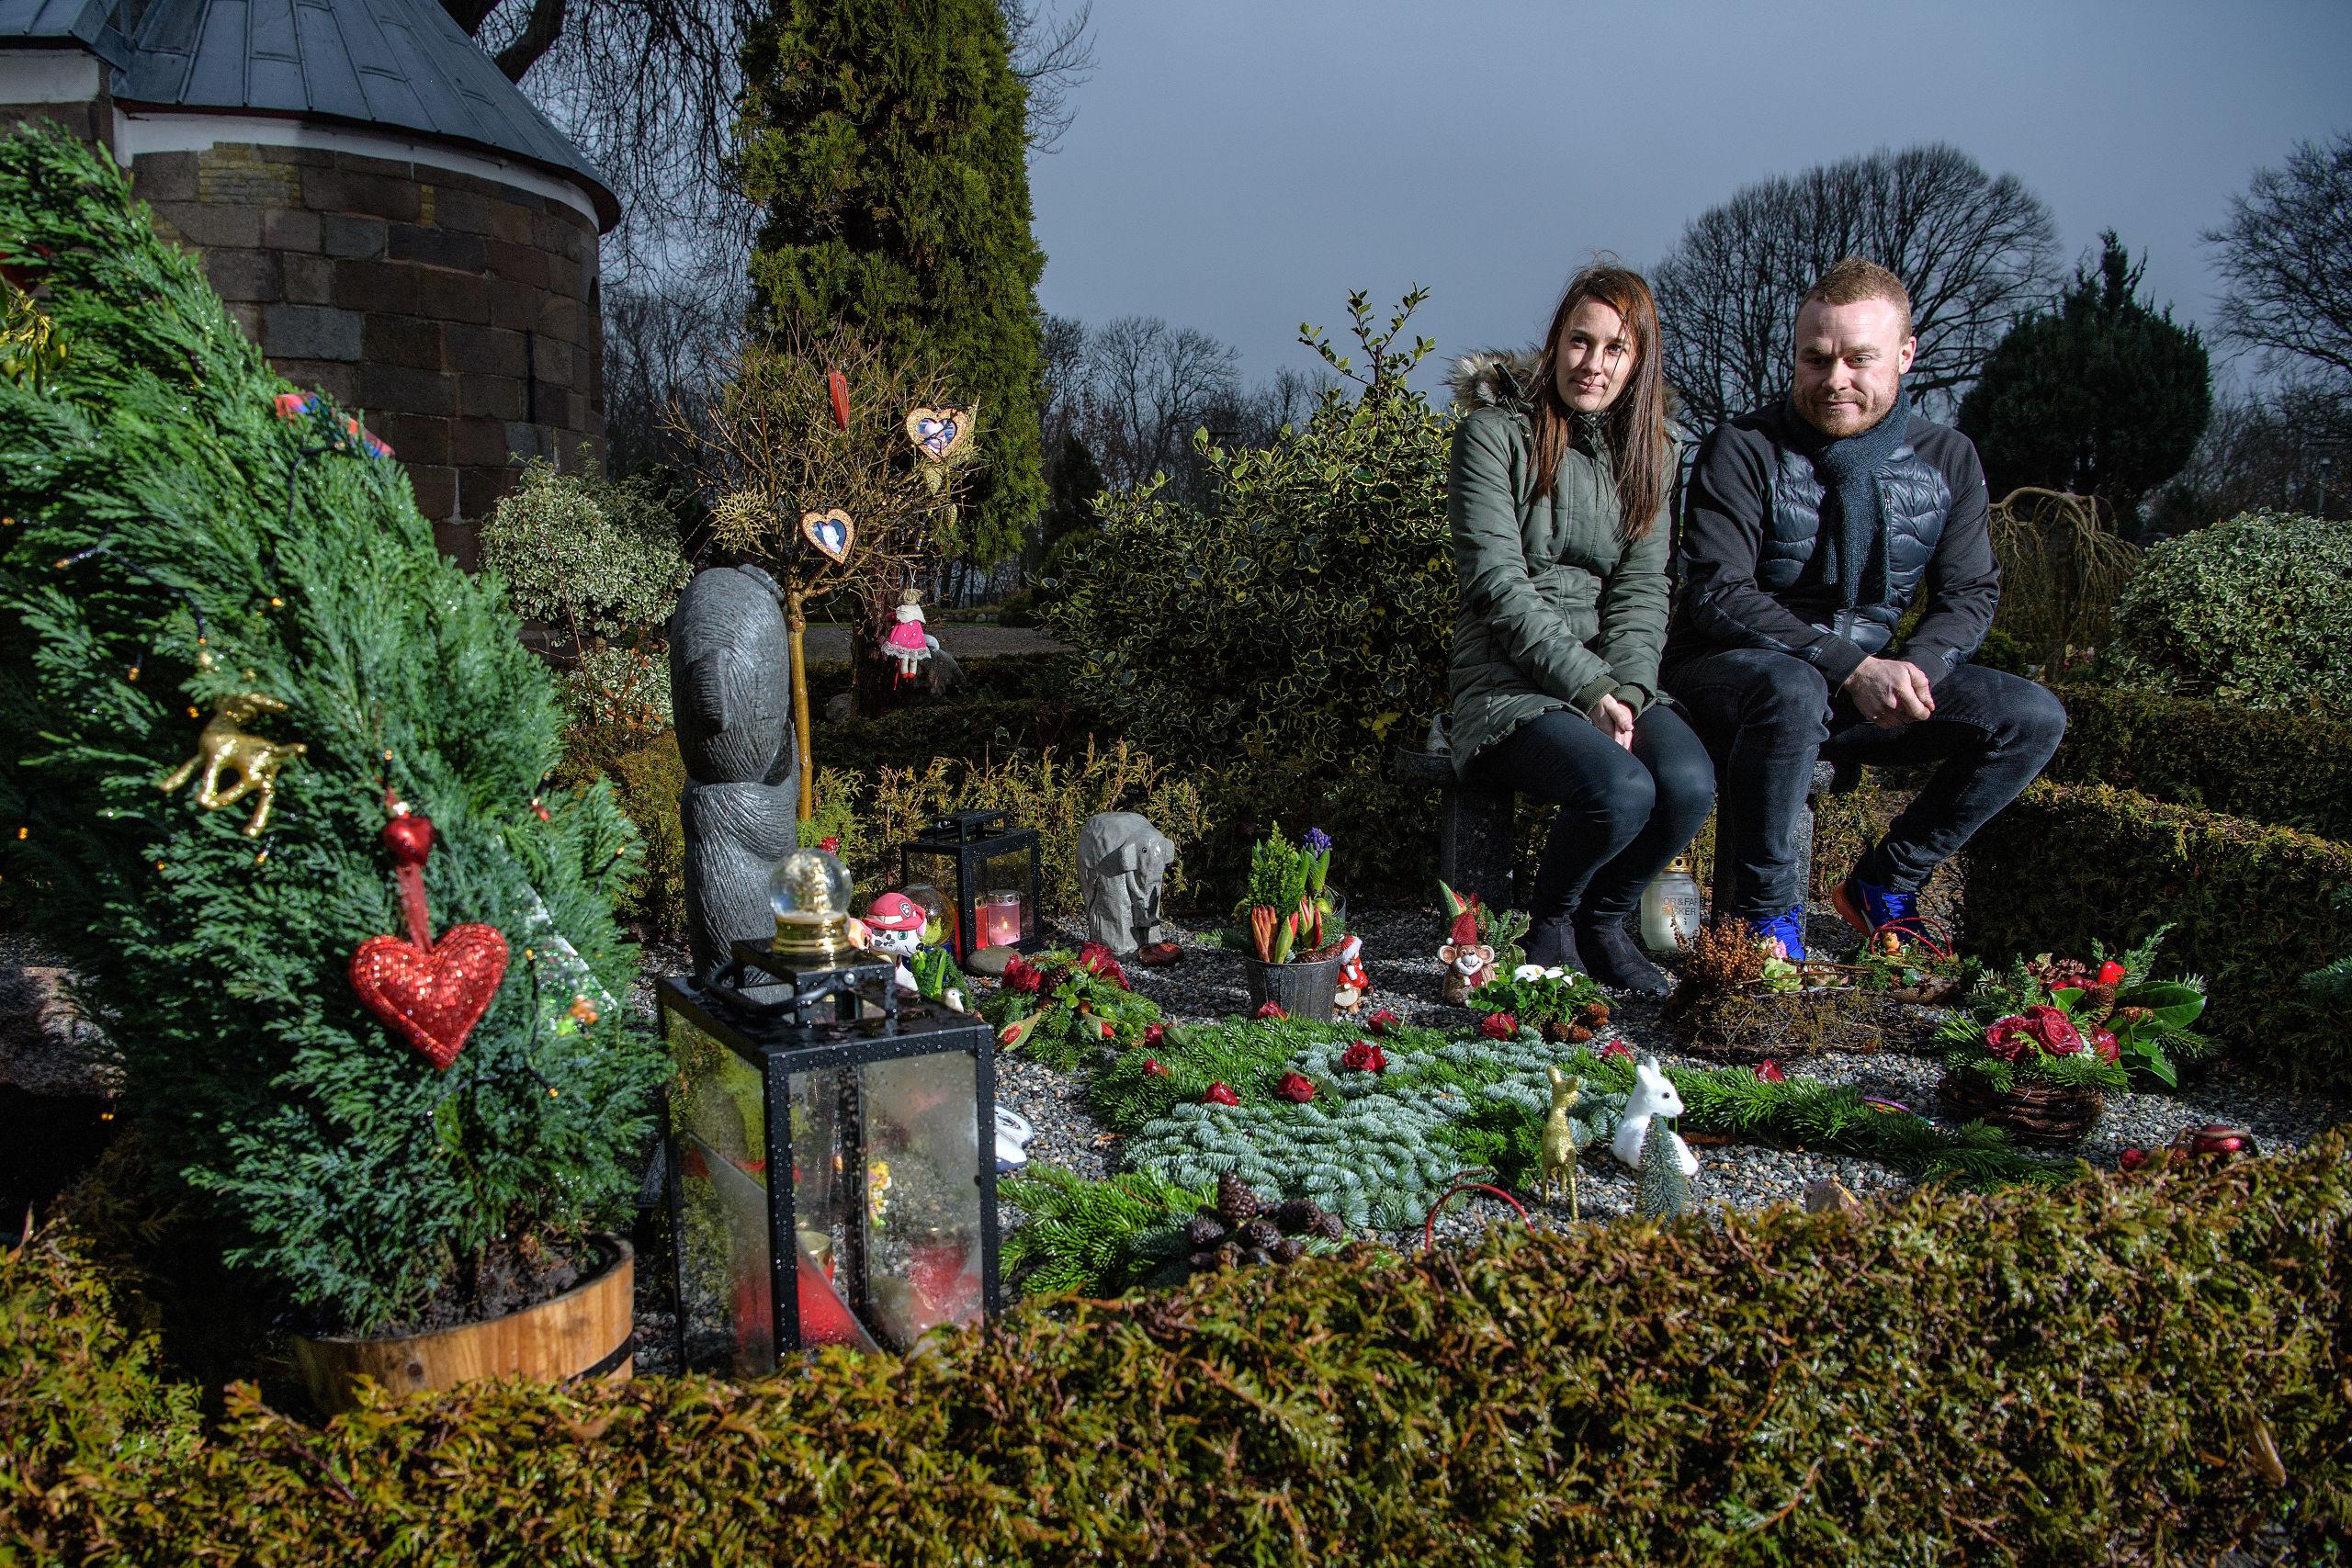 Lasse og Nicoline mistede deres toårige datter: Fandt hver deres måde at håndtere sorgen på